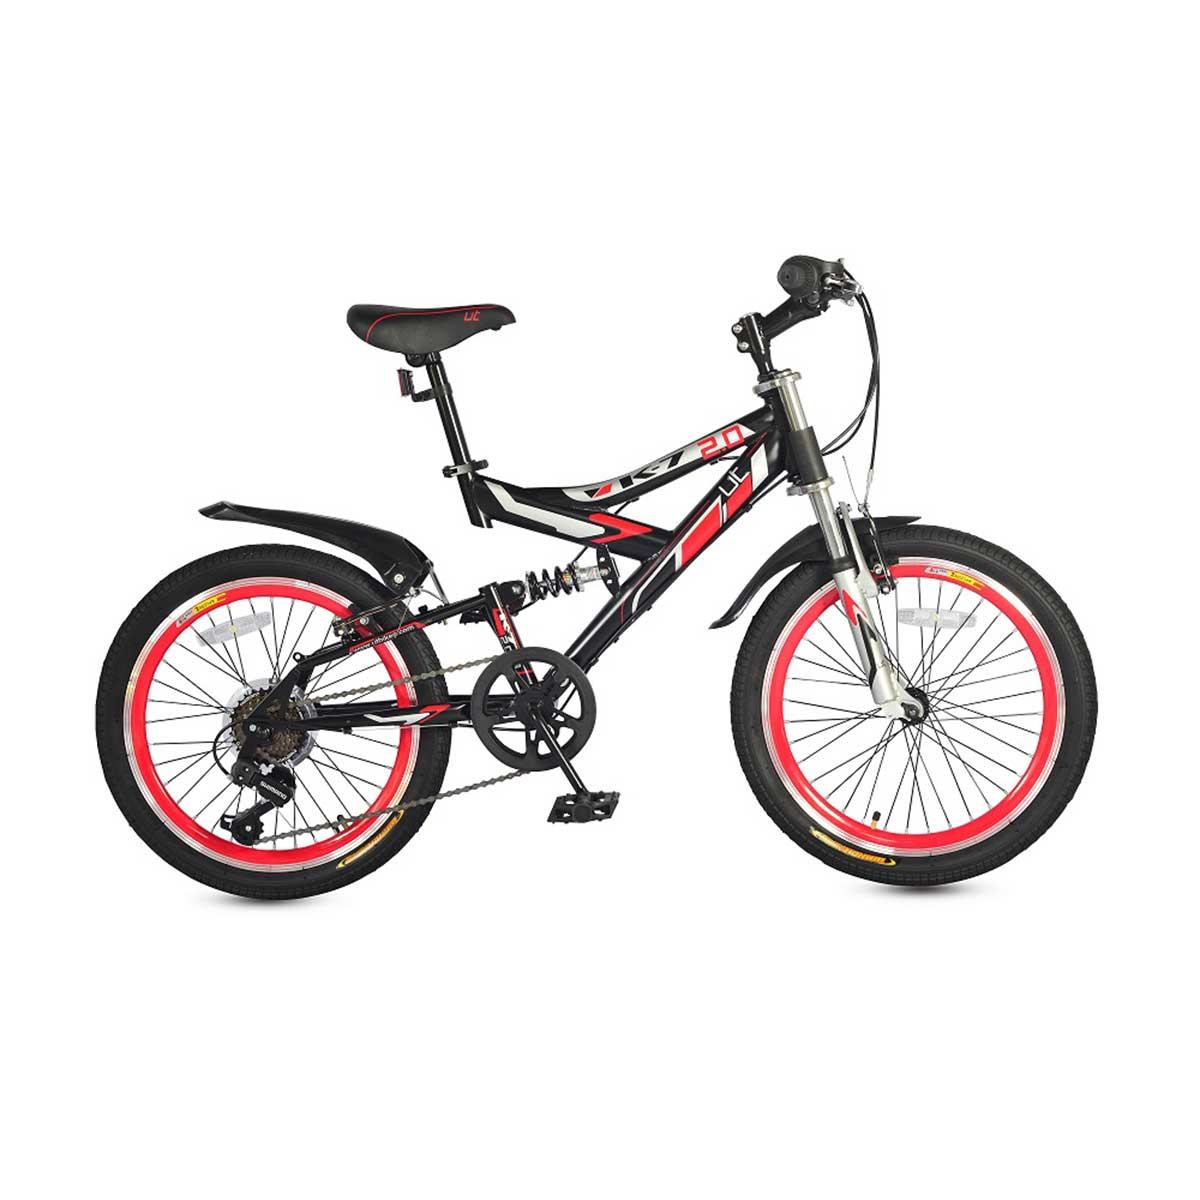 948ccc7c2 Buy UT K7 Kids Bike Online India